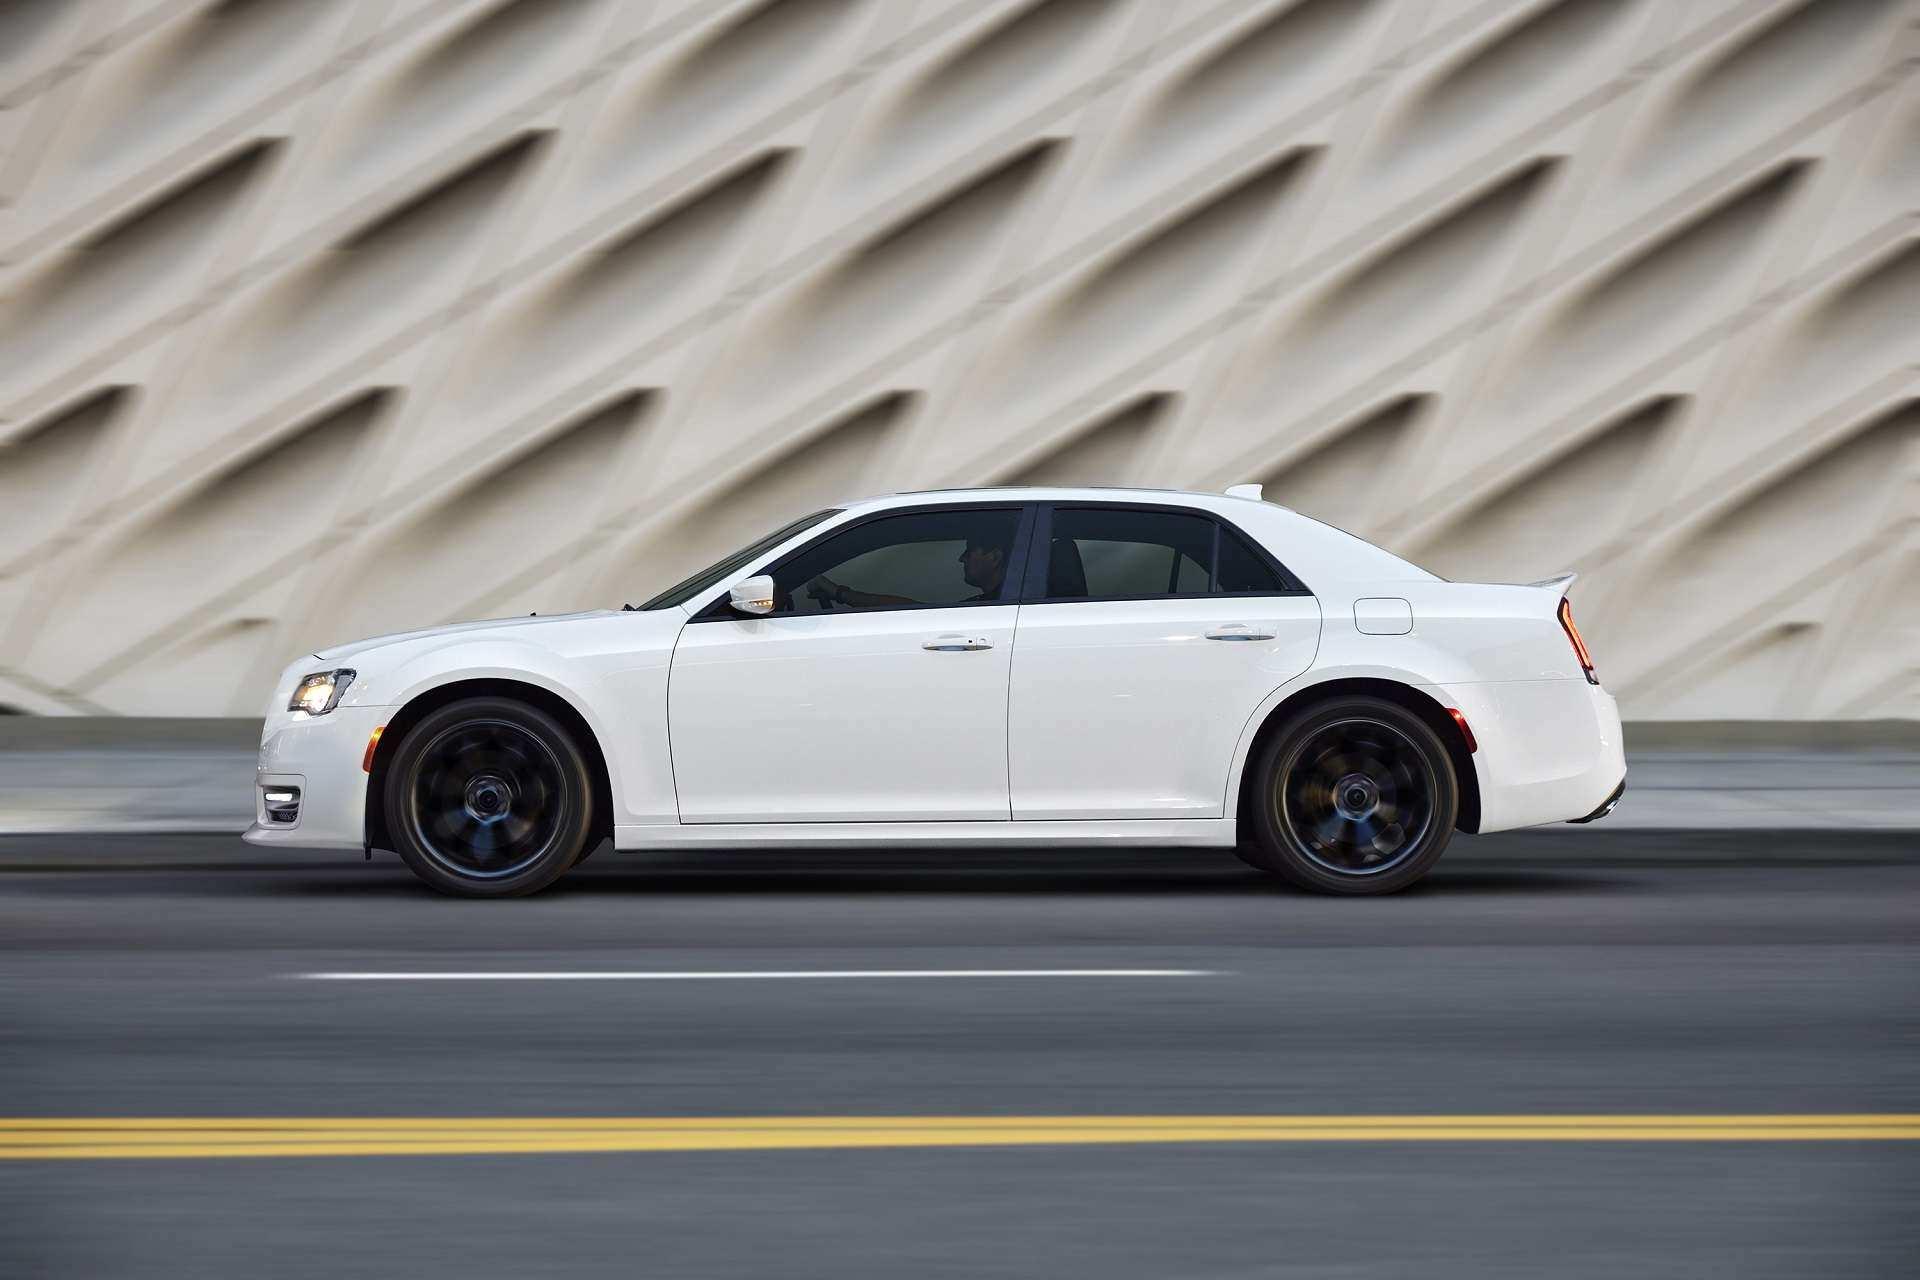 94 Concept of 2020 Chrysler 300 Rumors by 2020 Chrysler 300